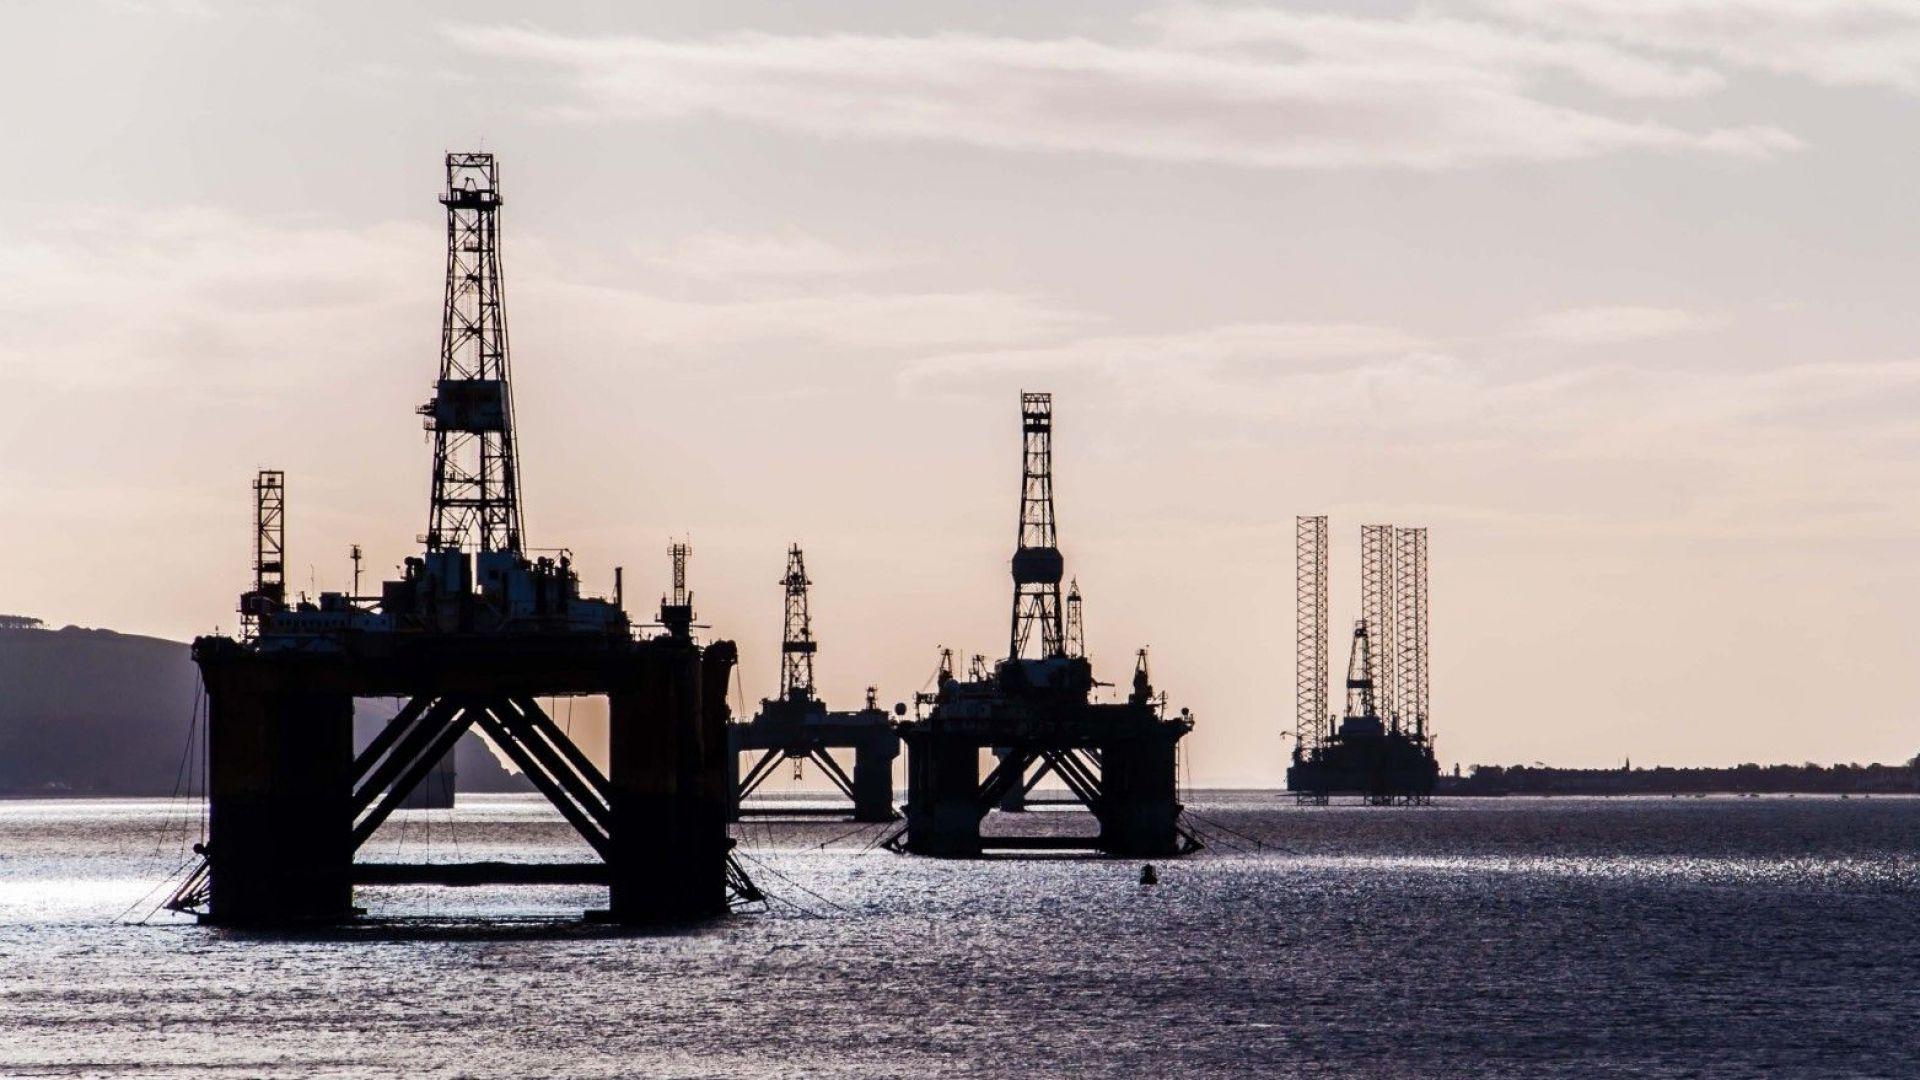 Румъния е на път да стане Елдорадо за природен газ в Европа